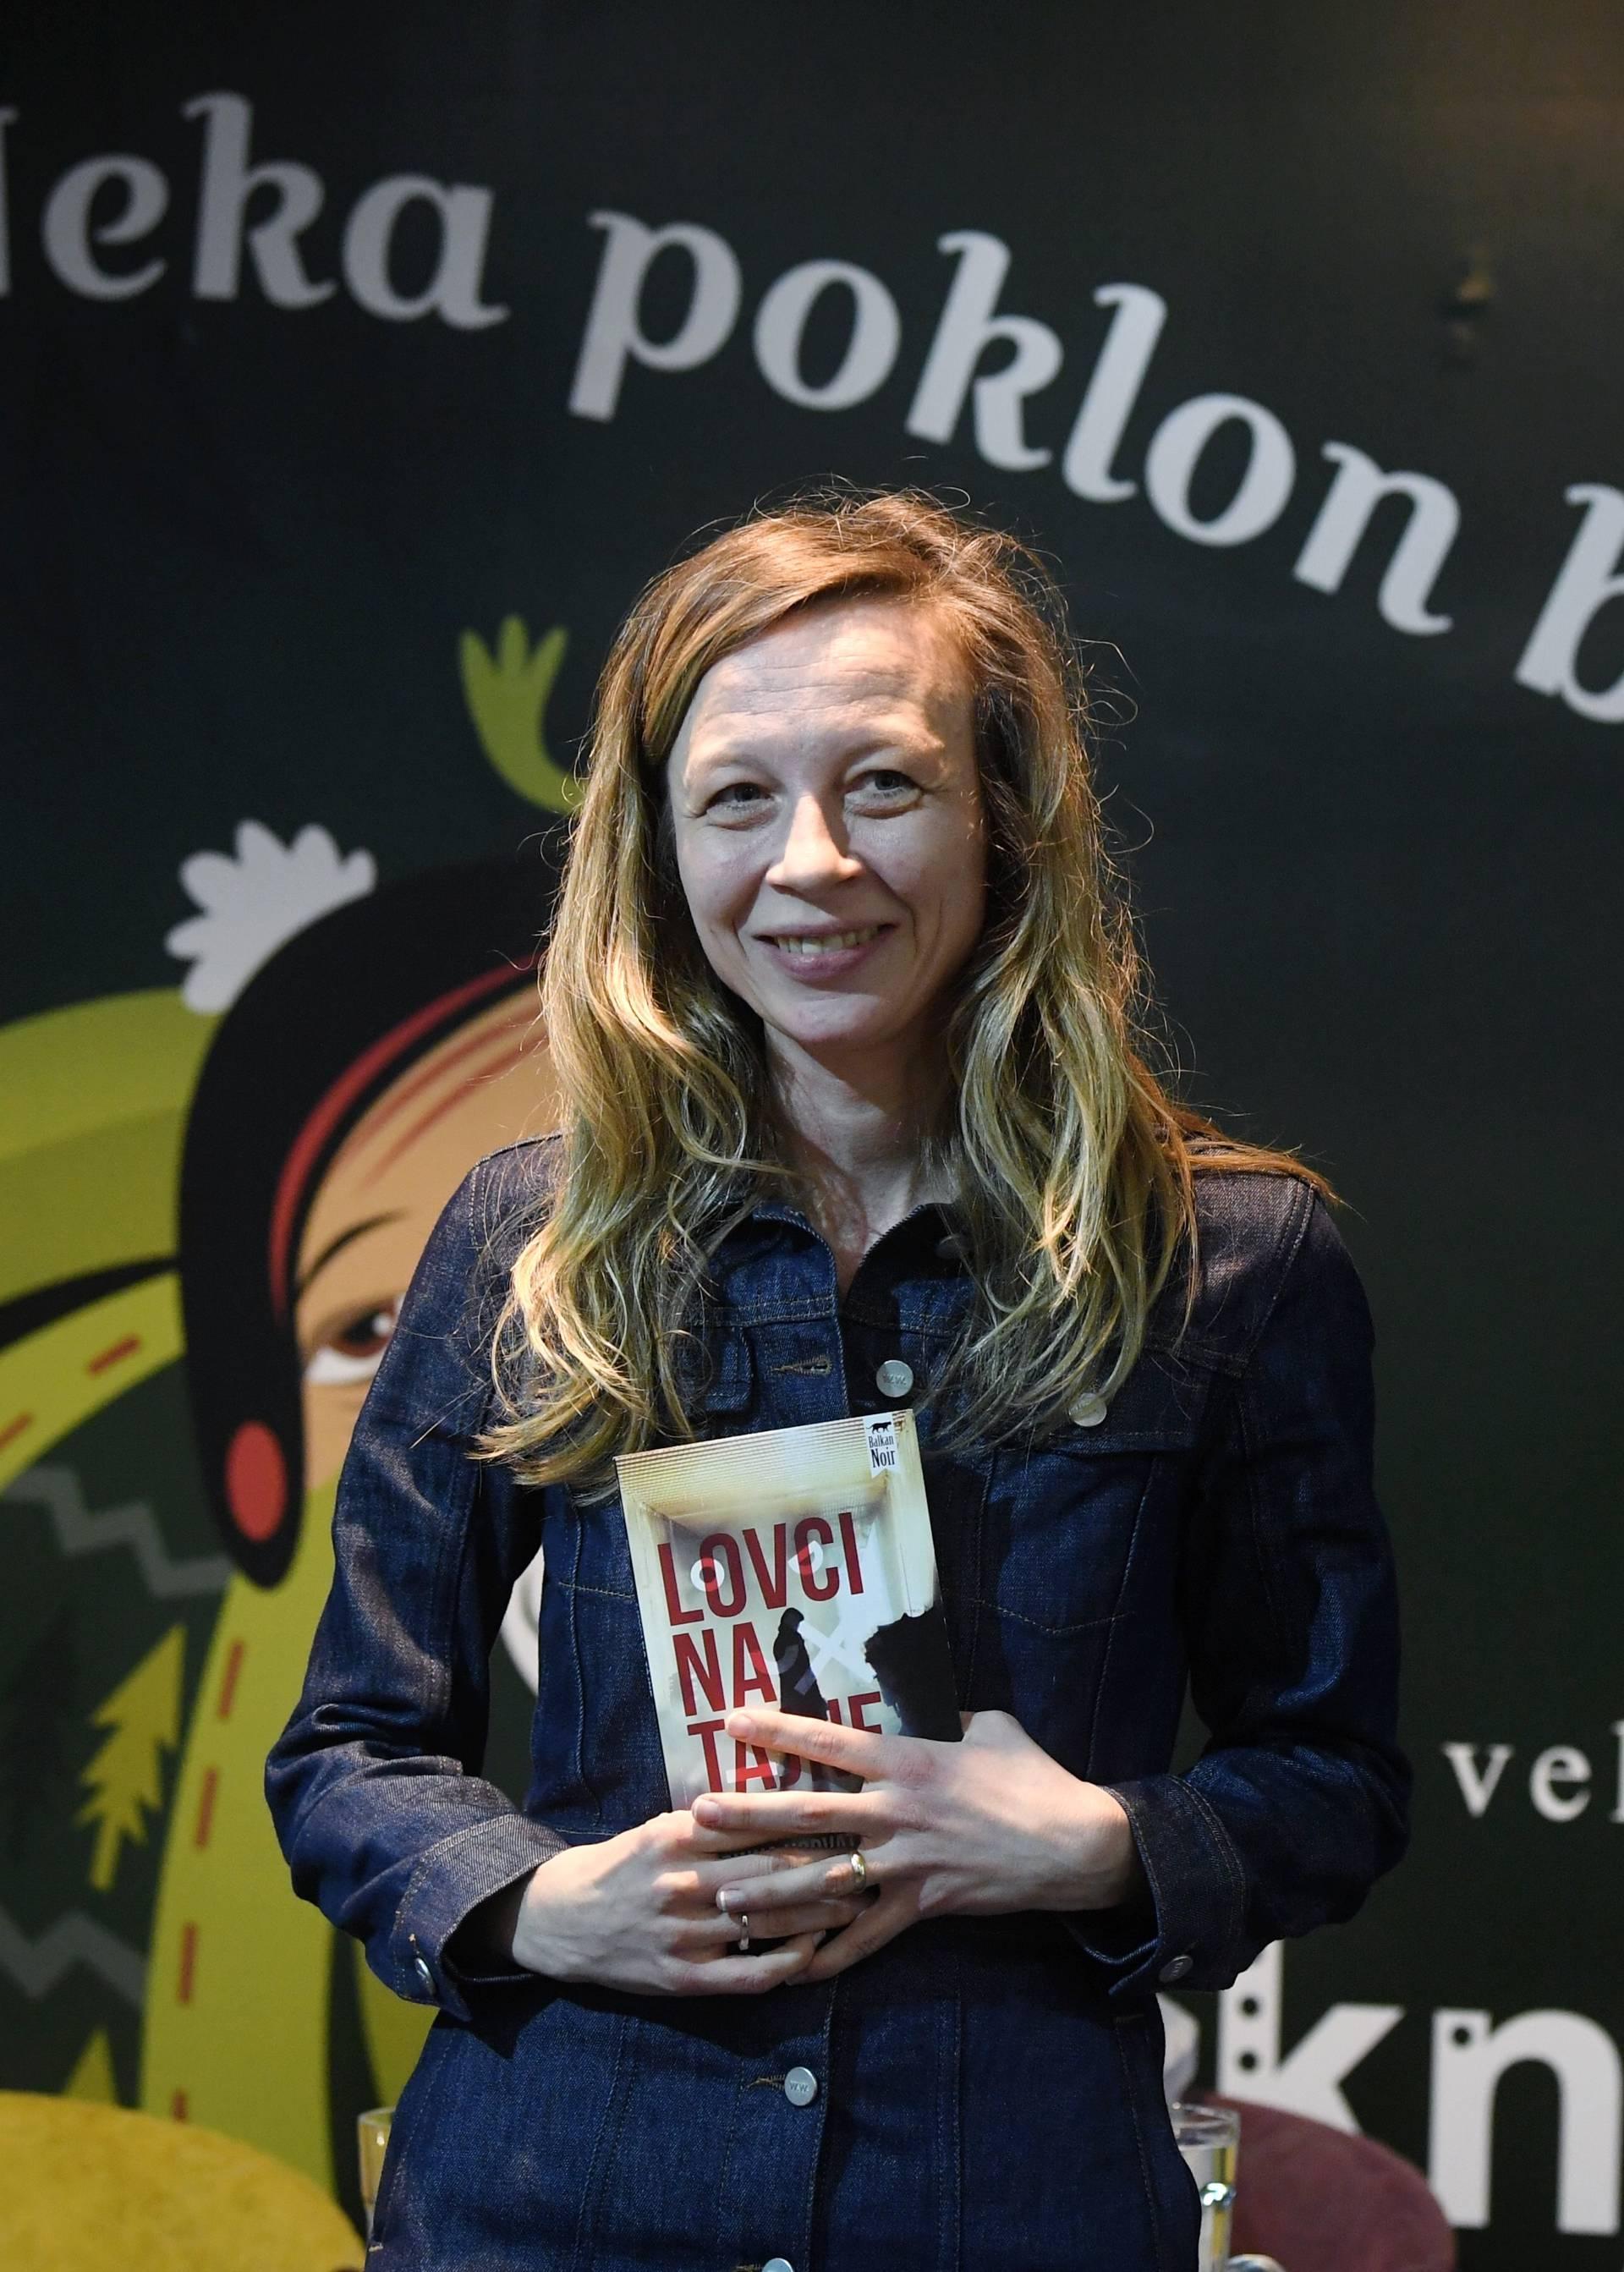 """Zagreb: Predstavljen novi roman Zrinke Horvat Goodman """"Lovci na tajne"""""""